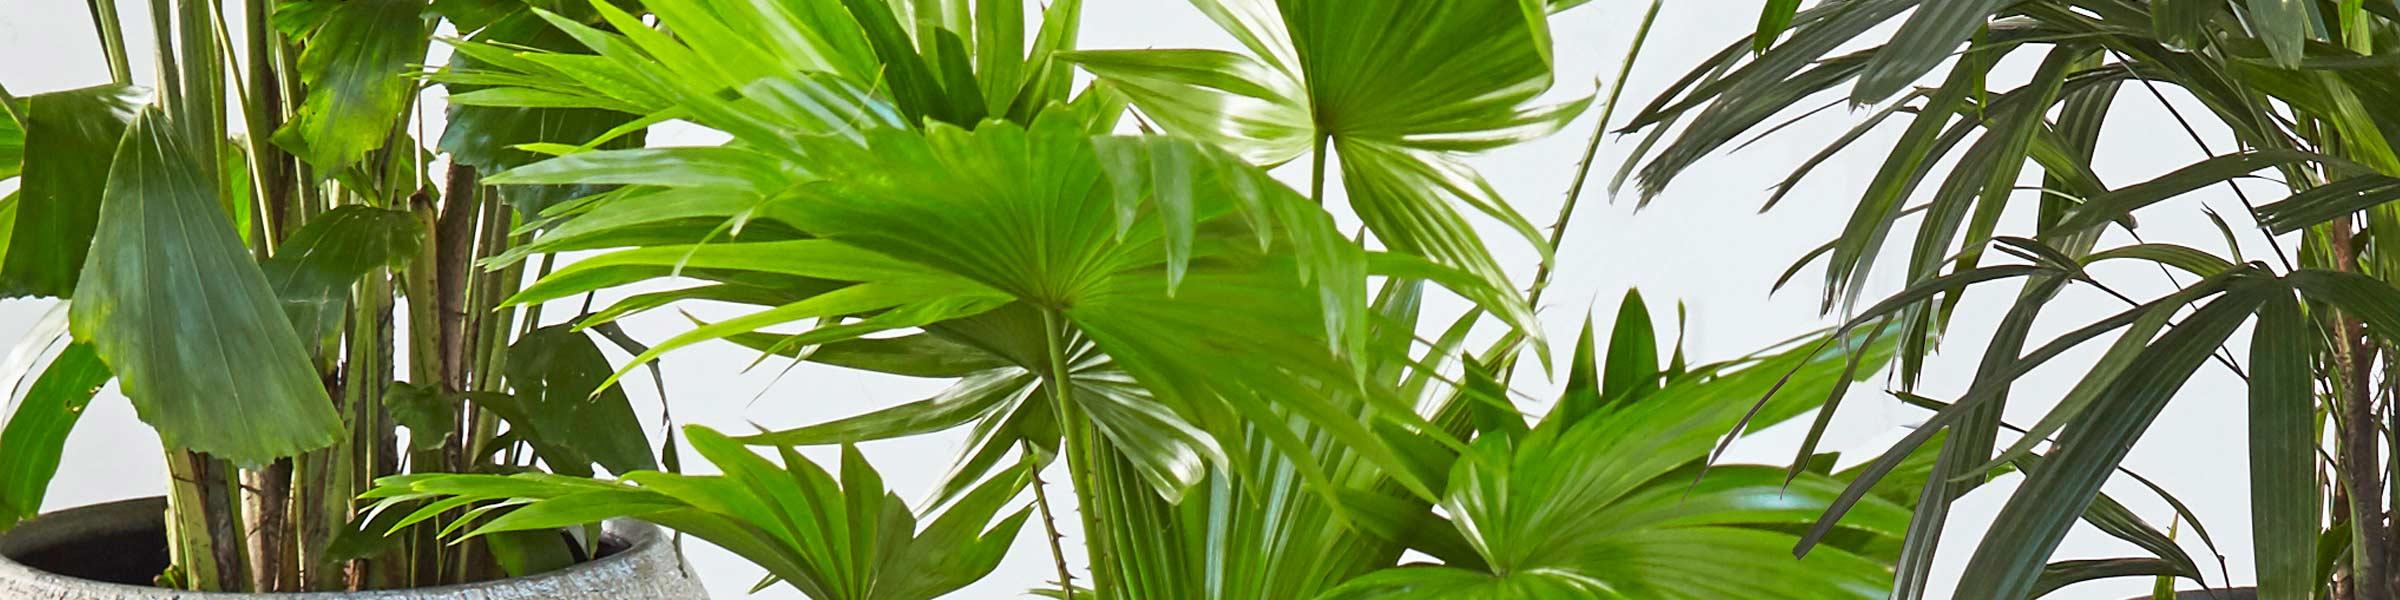 Mit Grünpflanzen eine grüne Oase schaffen | Dehner